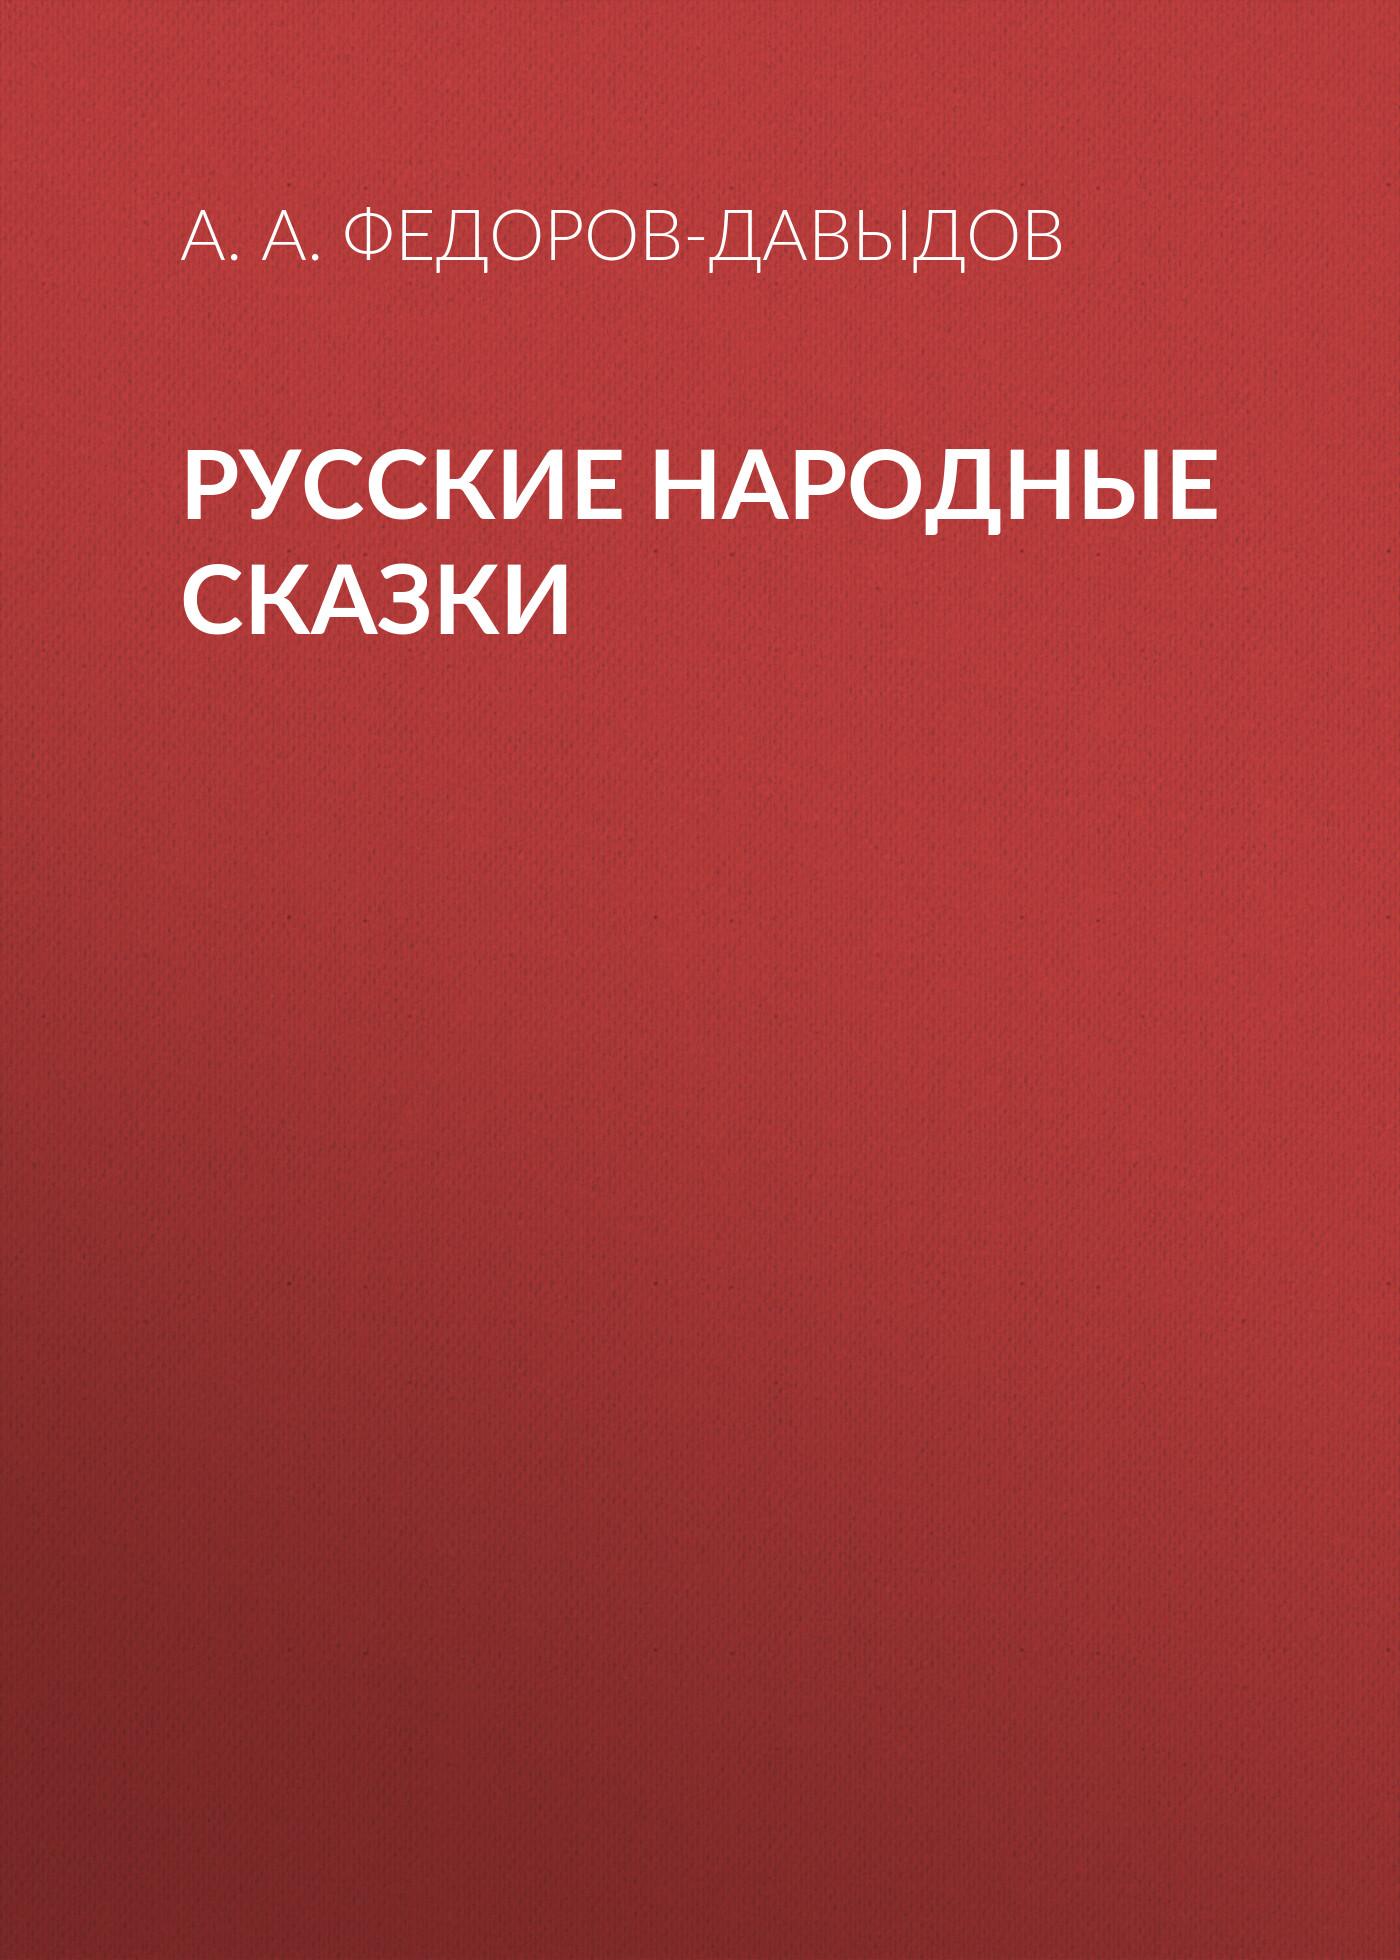 А. А. Федоров-Давыдов Русские народные сказки